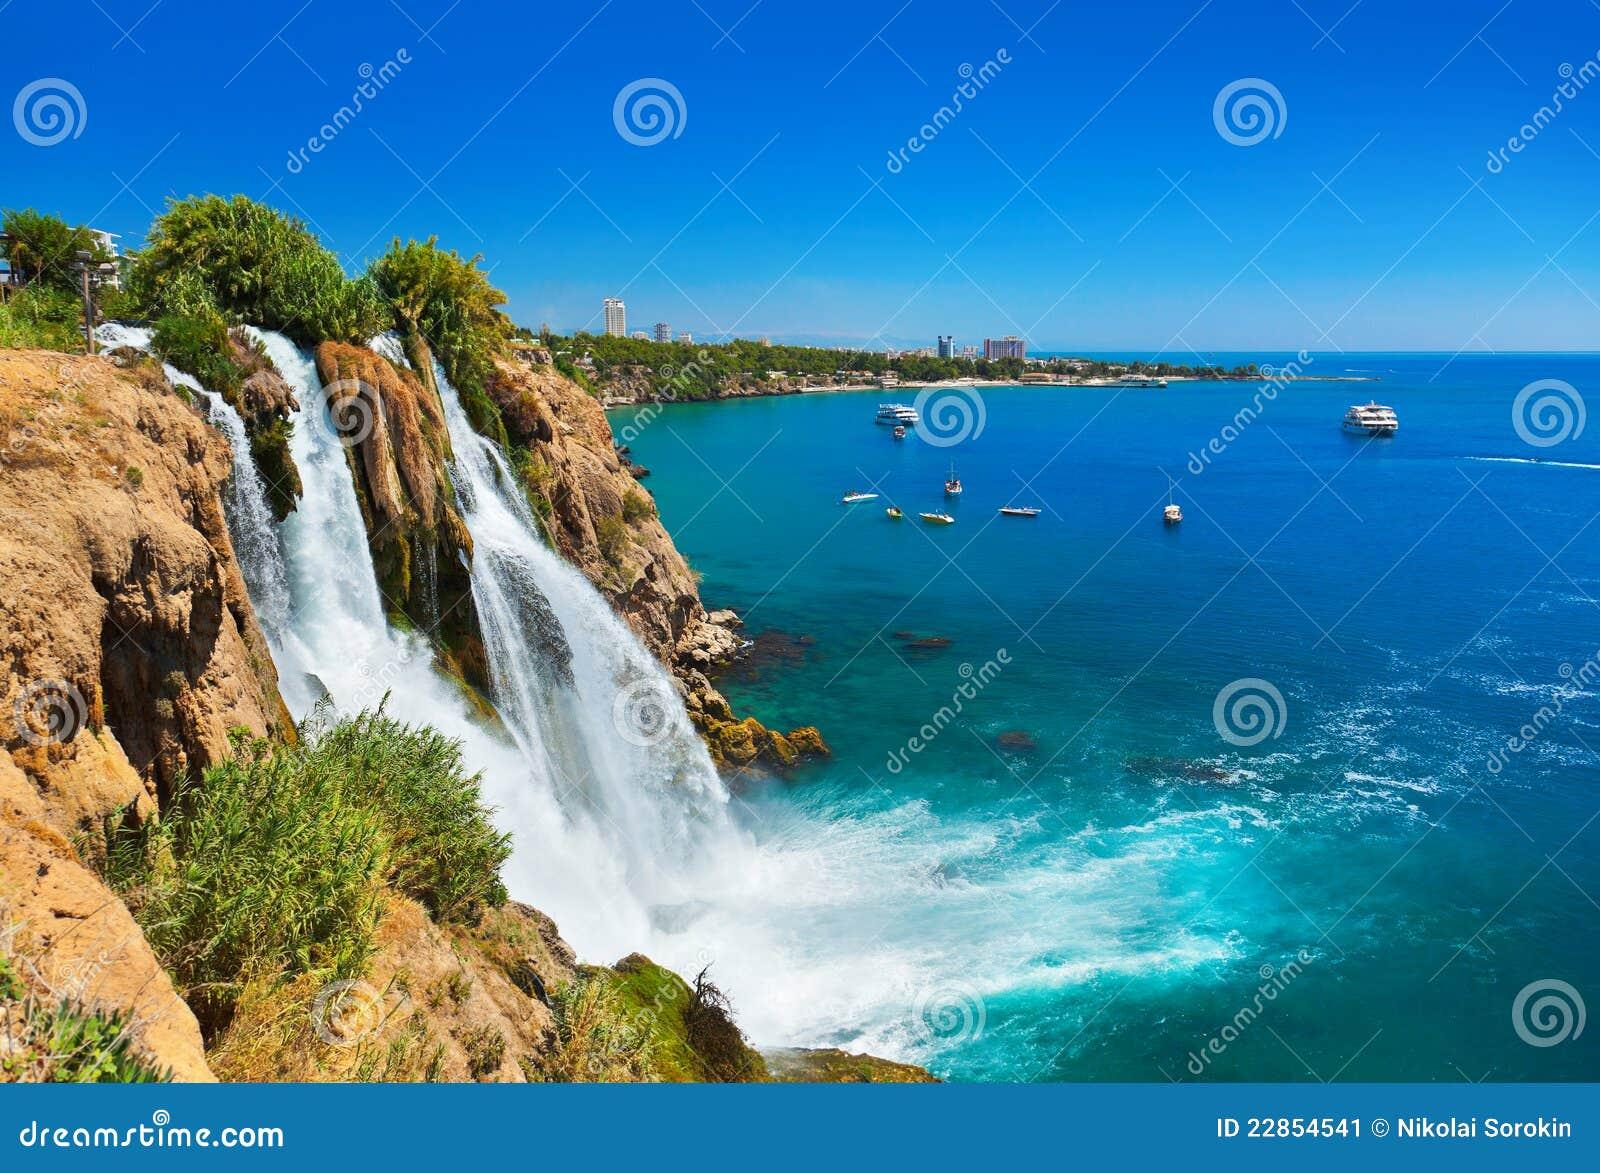 Antalya duden火鸡瀑布